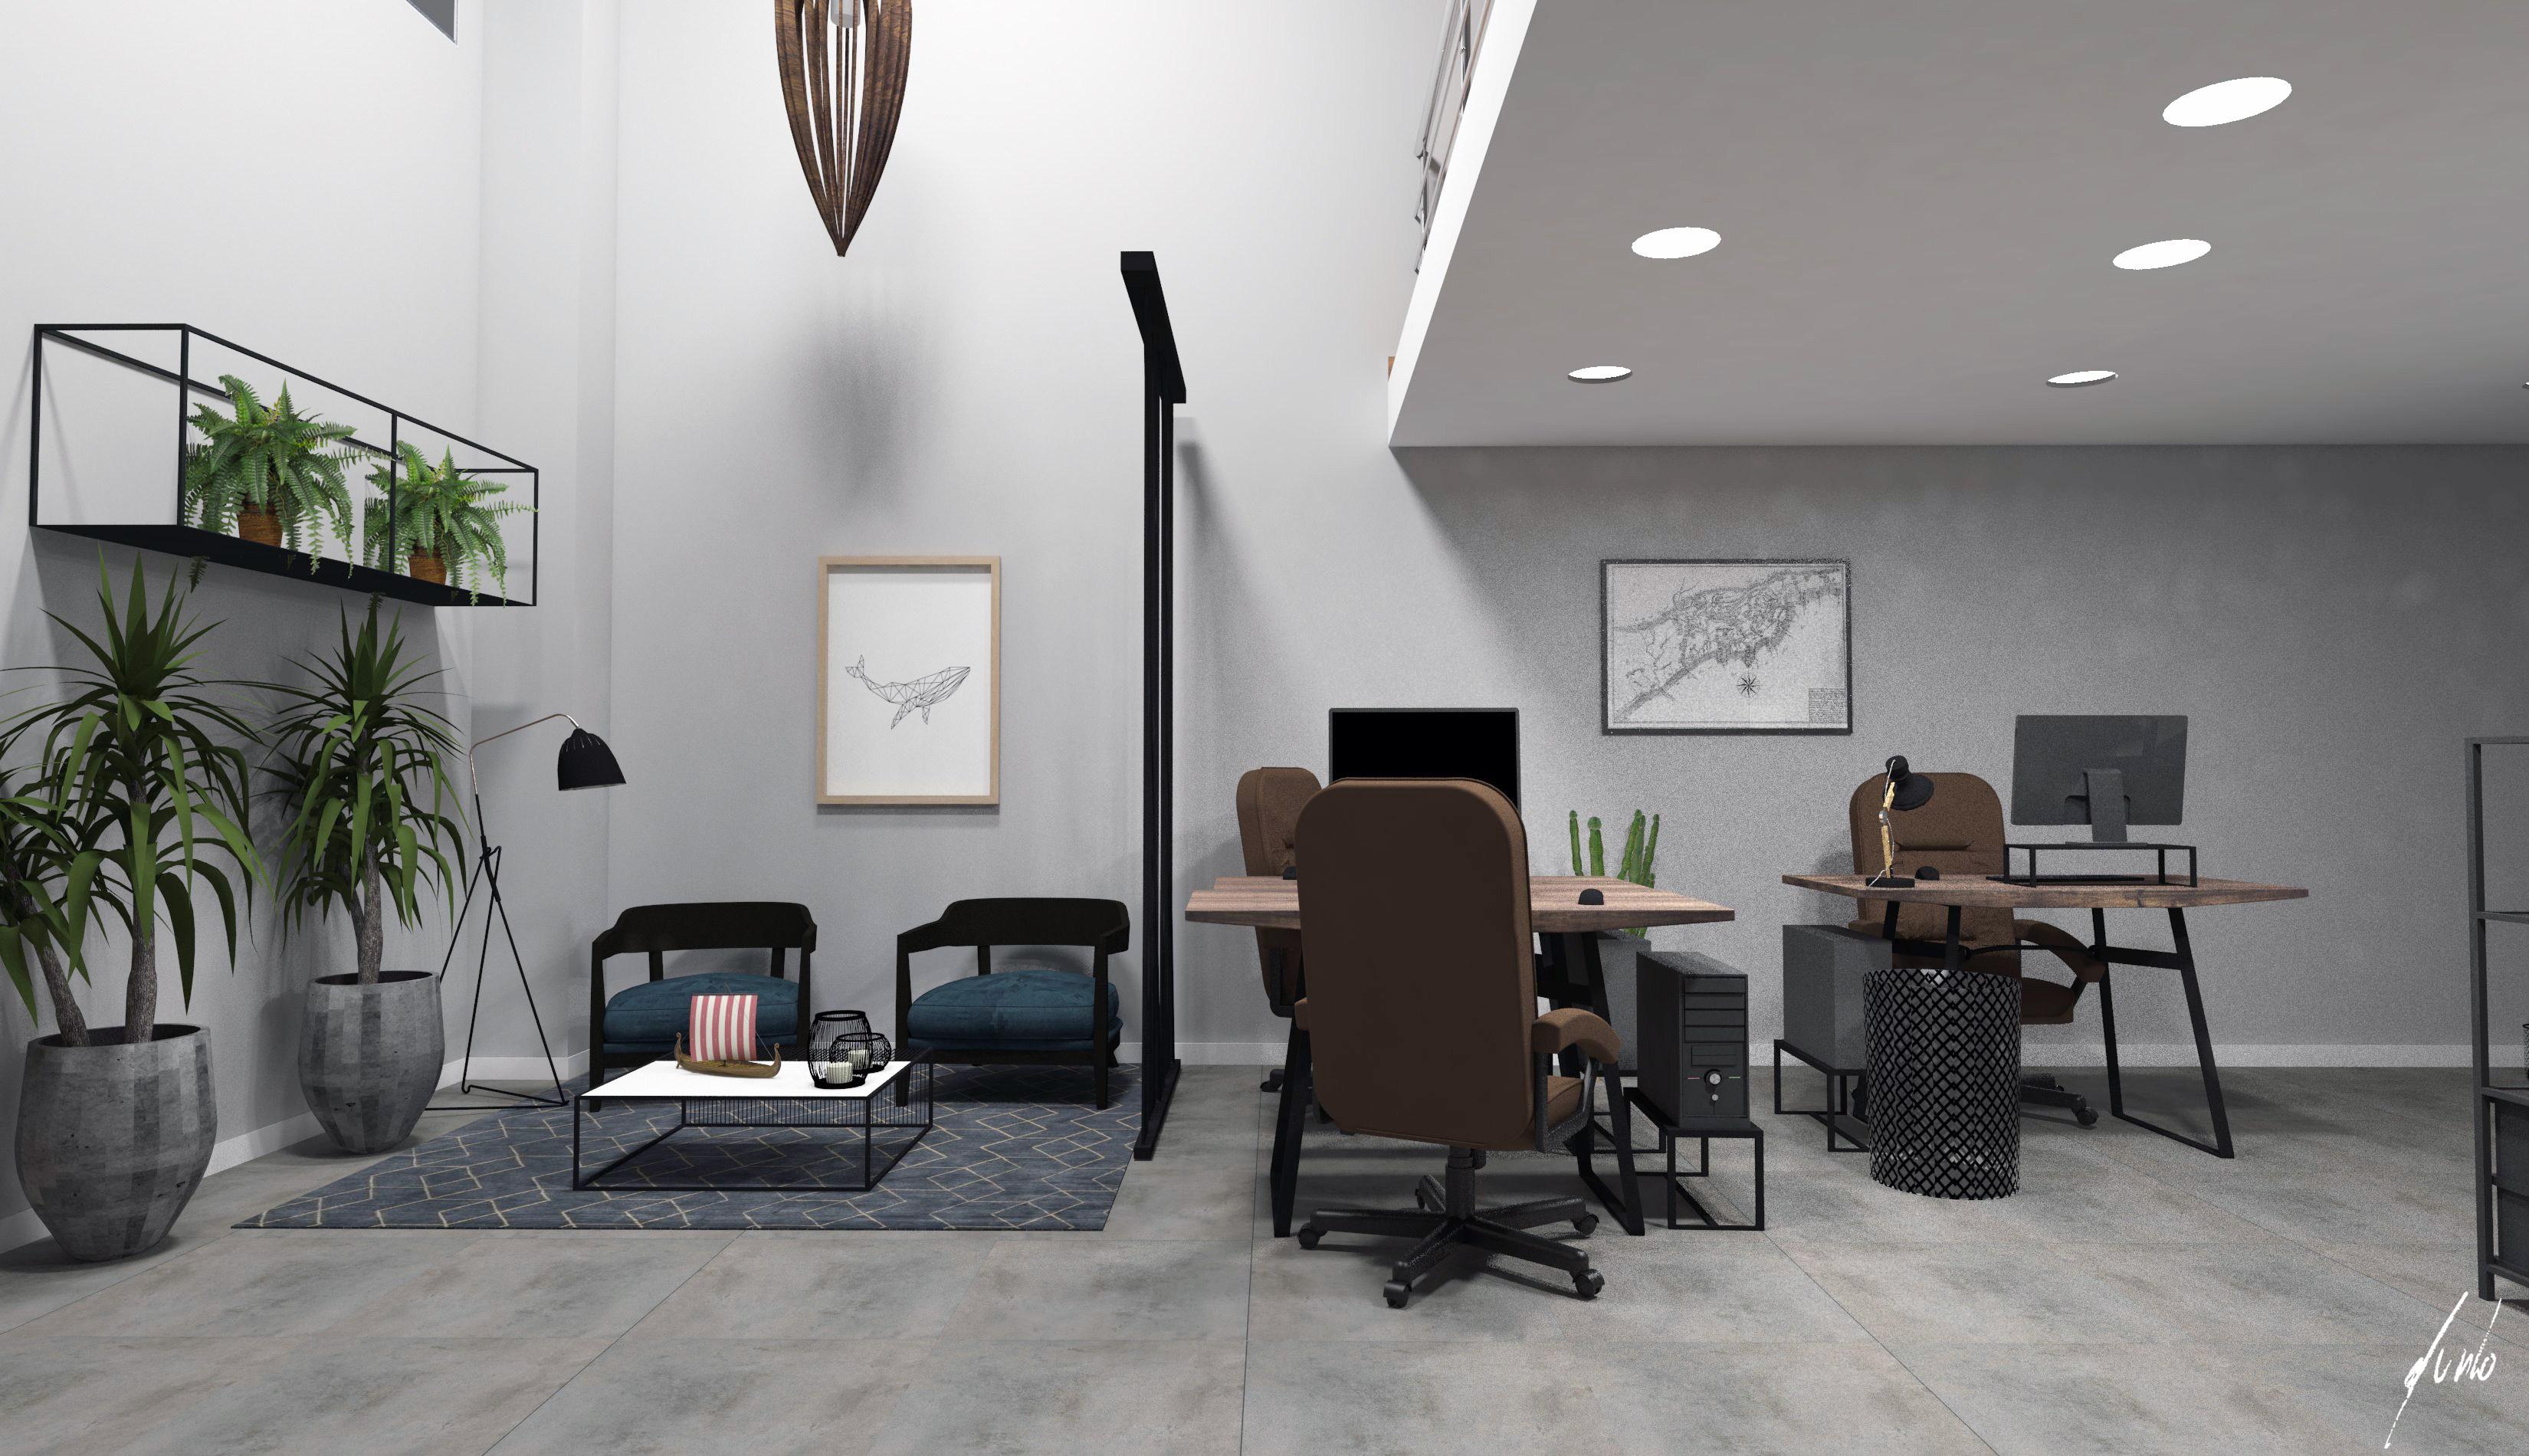 Projeto de design e decoracao para escritorio um escritorio muito moderno em paranagua - madeiras, ferro preto, plantas, cimento queimado, quadros - escritorios modernos 050